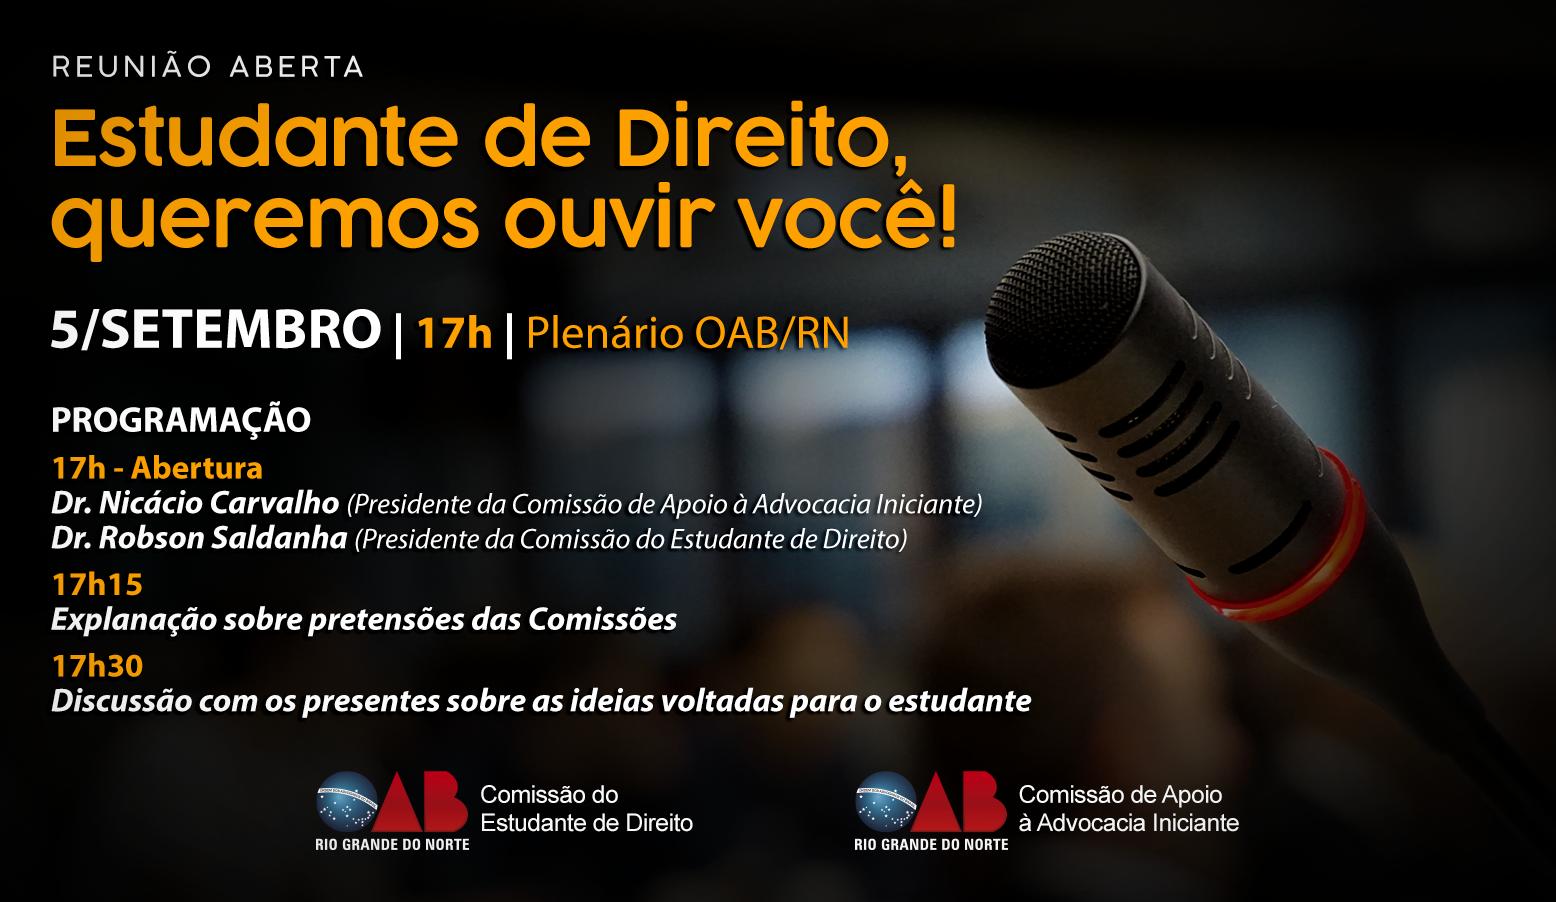 OAB RN realiza reunião aberta sobre rumos dos cursos de Direitos